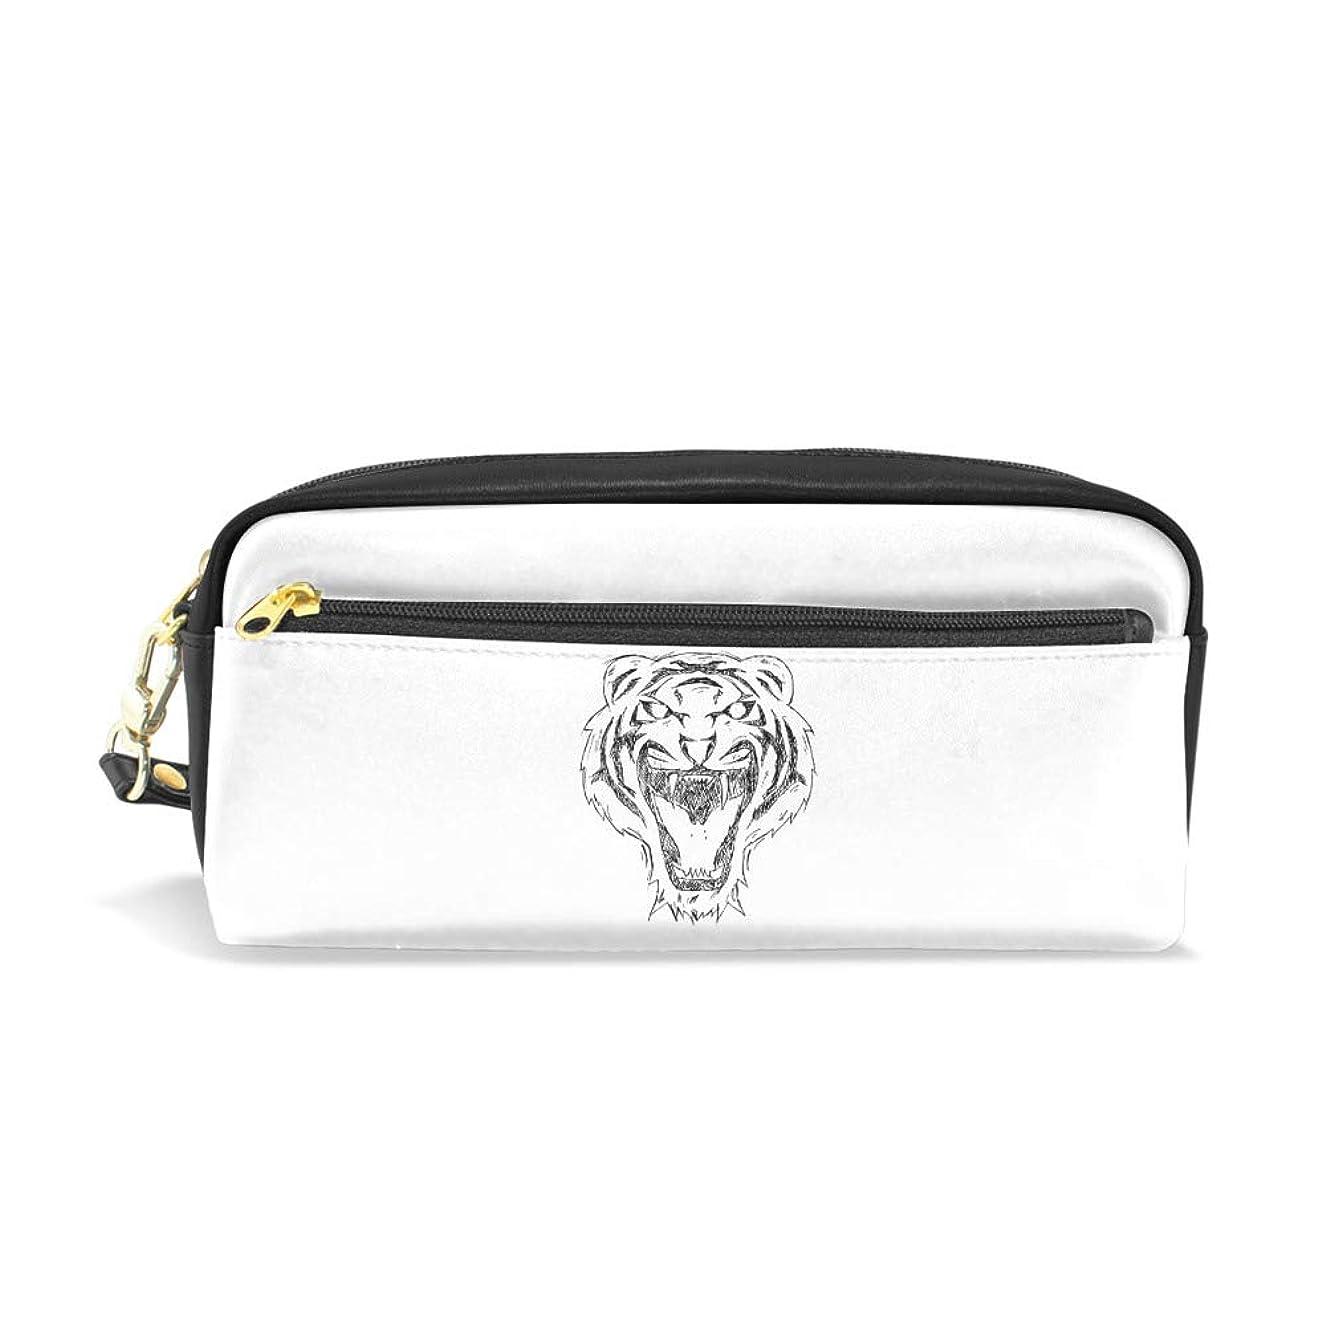 強調イヤホン雇うZhongjiレザーペンシルバッグ 化粧品バッグ クリエイティブ 単純な 大容量 可愛い